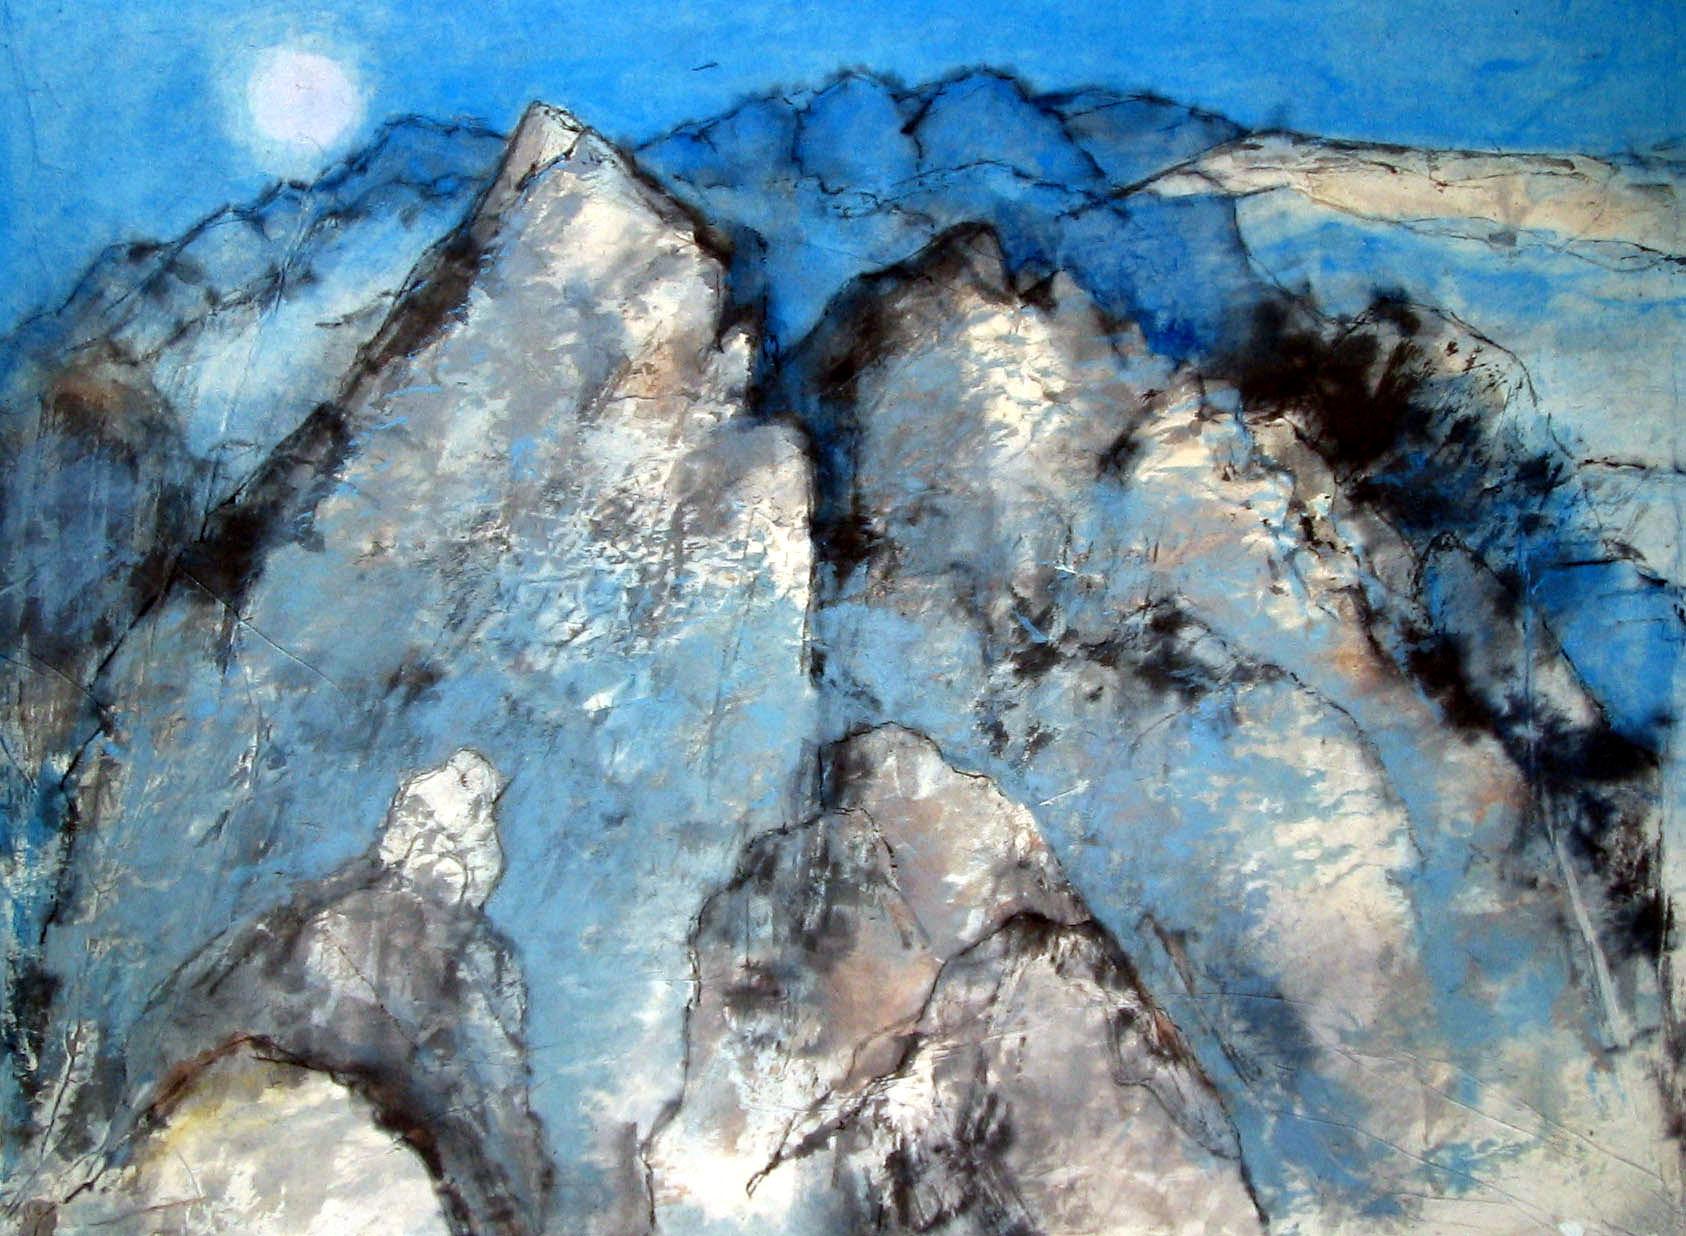 'Moonlit Mountains'